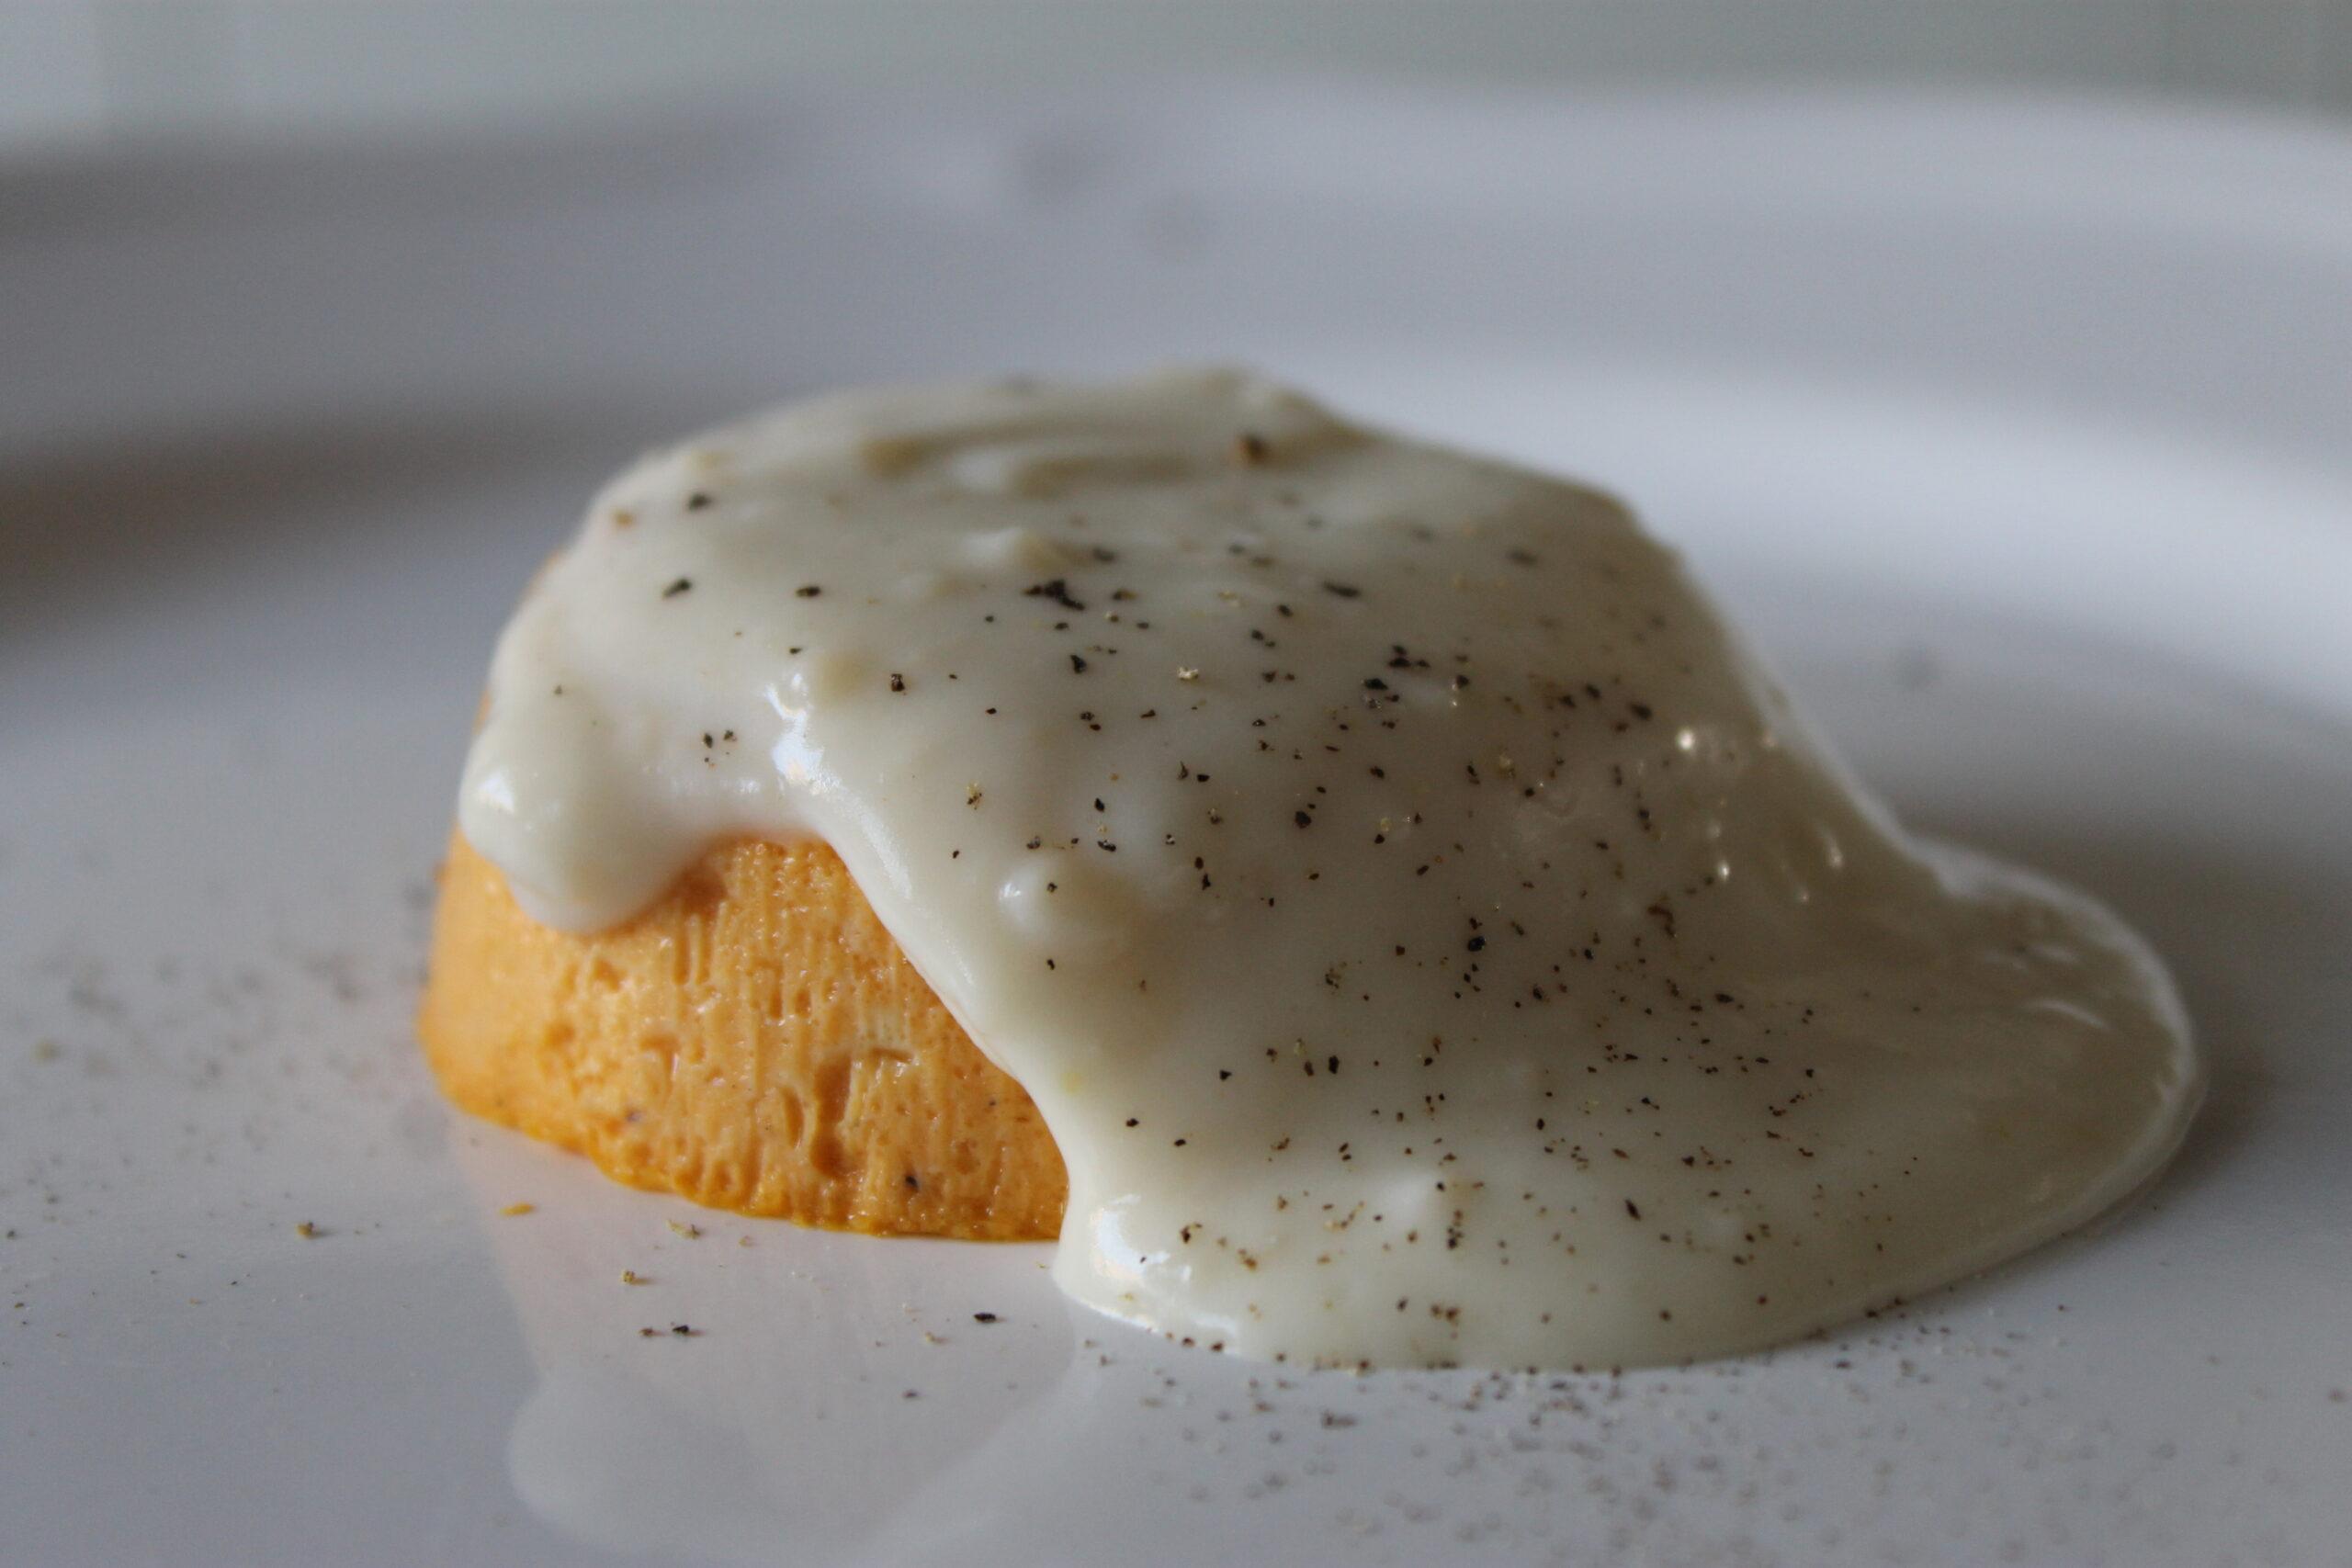 tortini-di-zucca,-morbidi-e-delicati,-accompagnati-da-una-gustosa-fonduta-al-parmigiano-reggiano:-ecco-come-prepararli